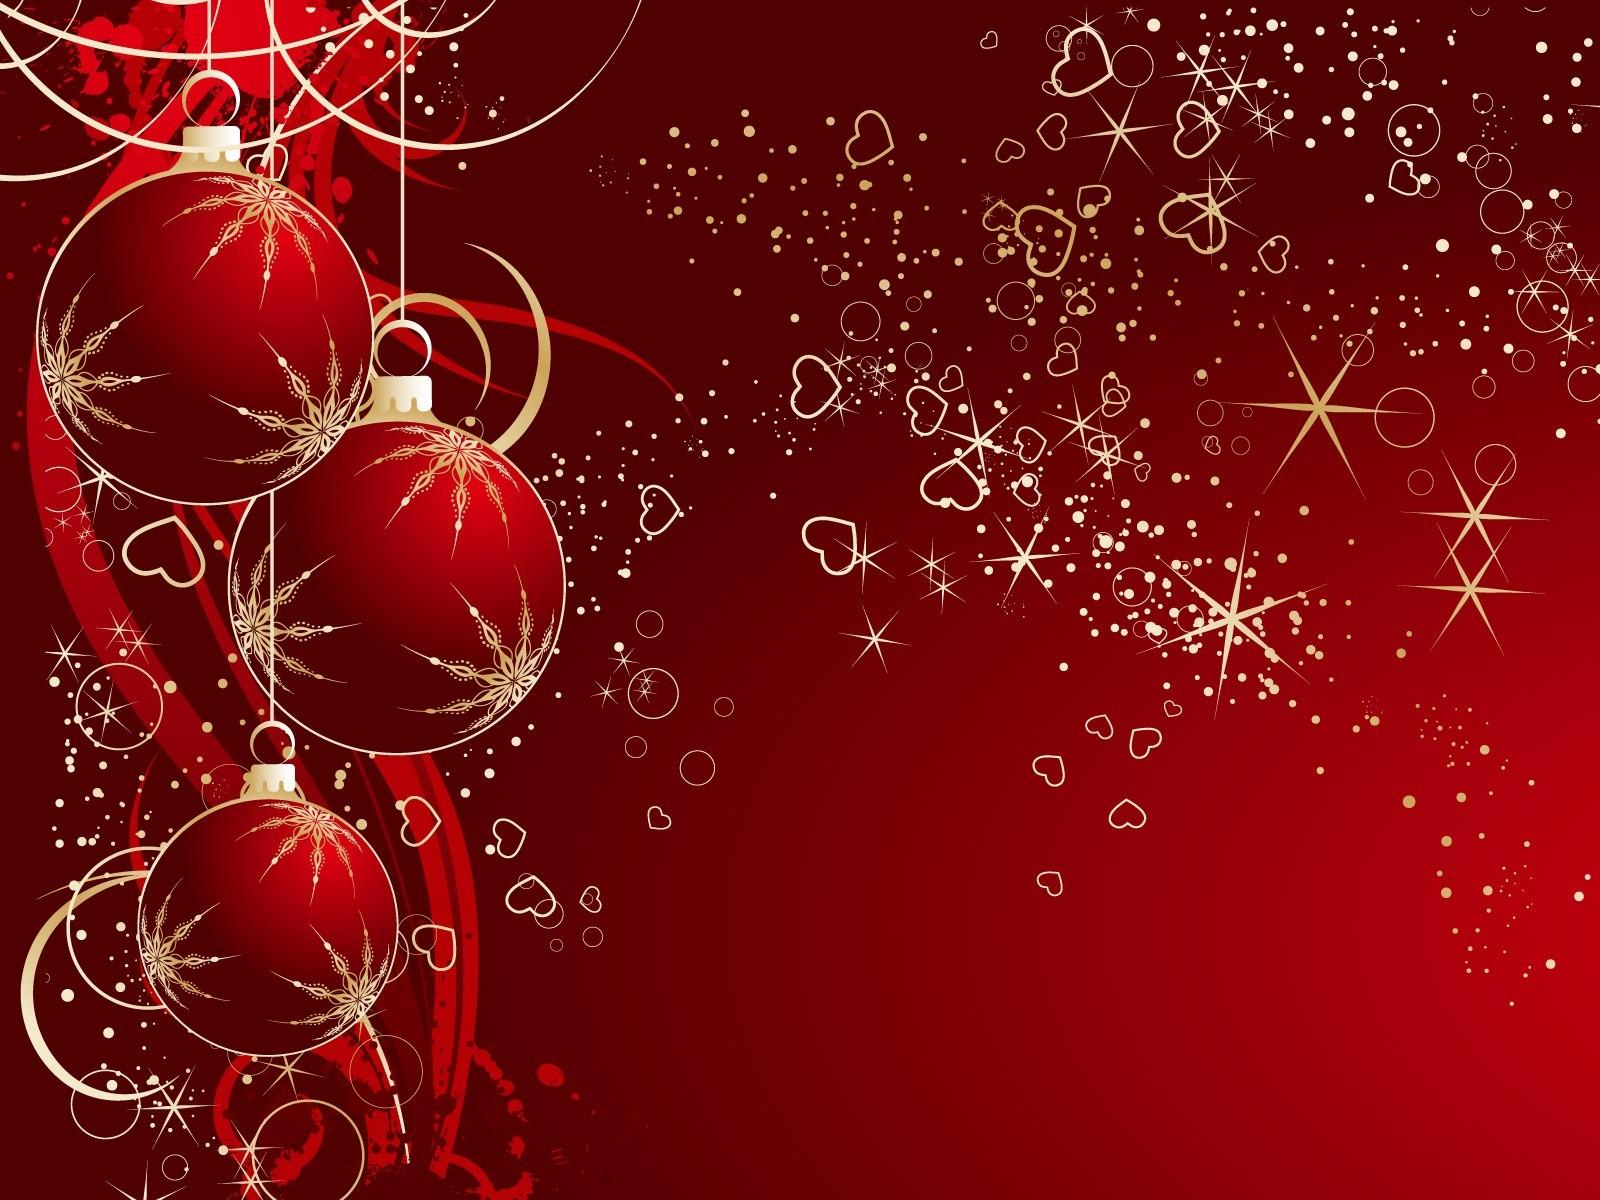 Per Natale 2016 vi regalo una fiaba. Buon Natale e Felice 2017 a tutti.